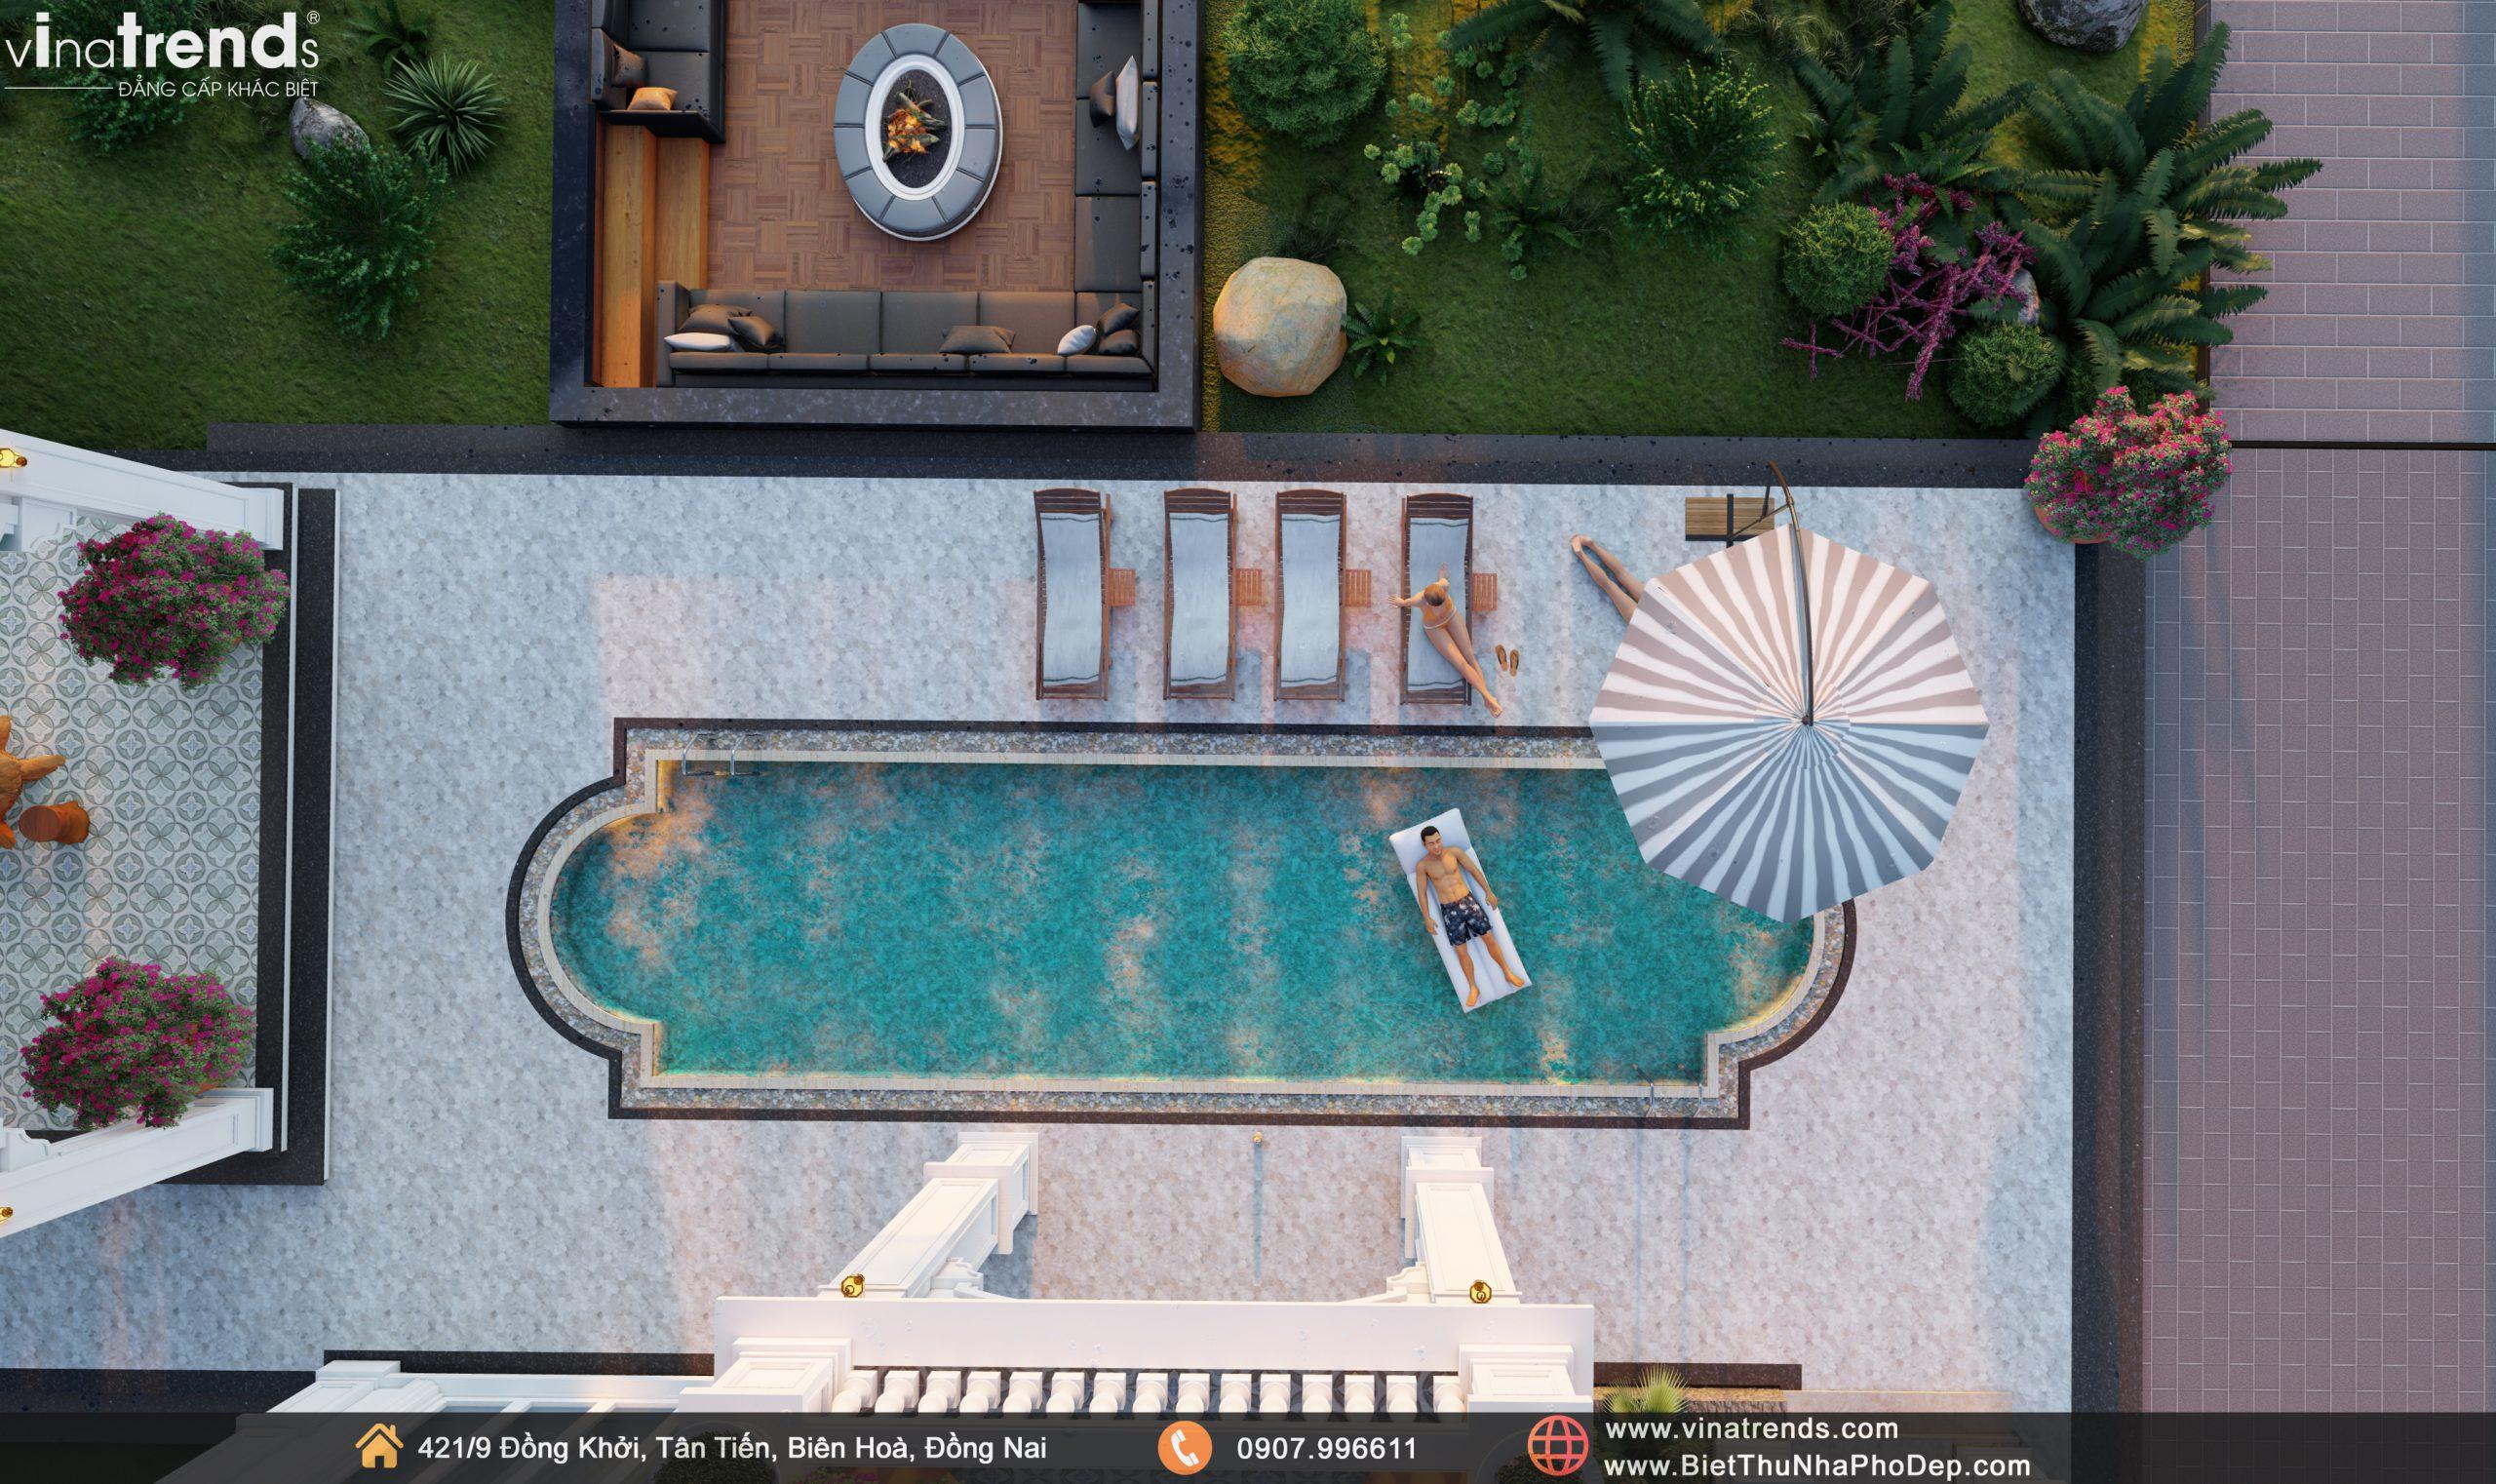 Day 07.09.21 18 scaled Mẫu nhà biệt thự 2 tầng đẹp có hồ bơi 17x20m ngói đỏ chứng tỏ giàu sang của CEO ngành vận tải ở Bình Phước